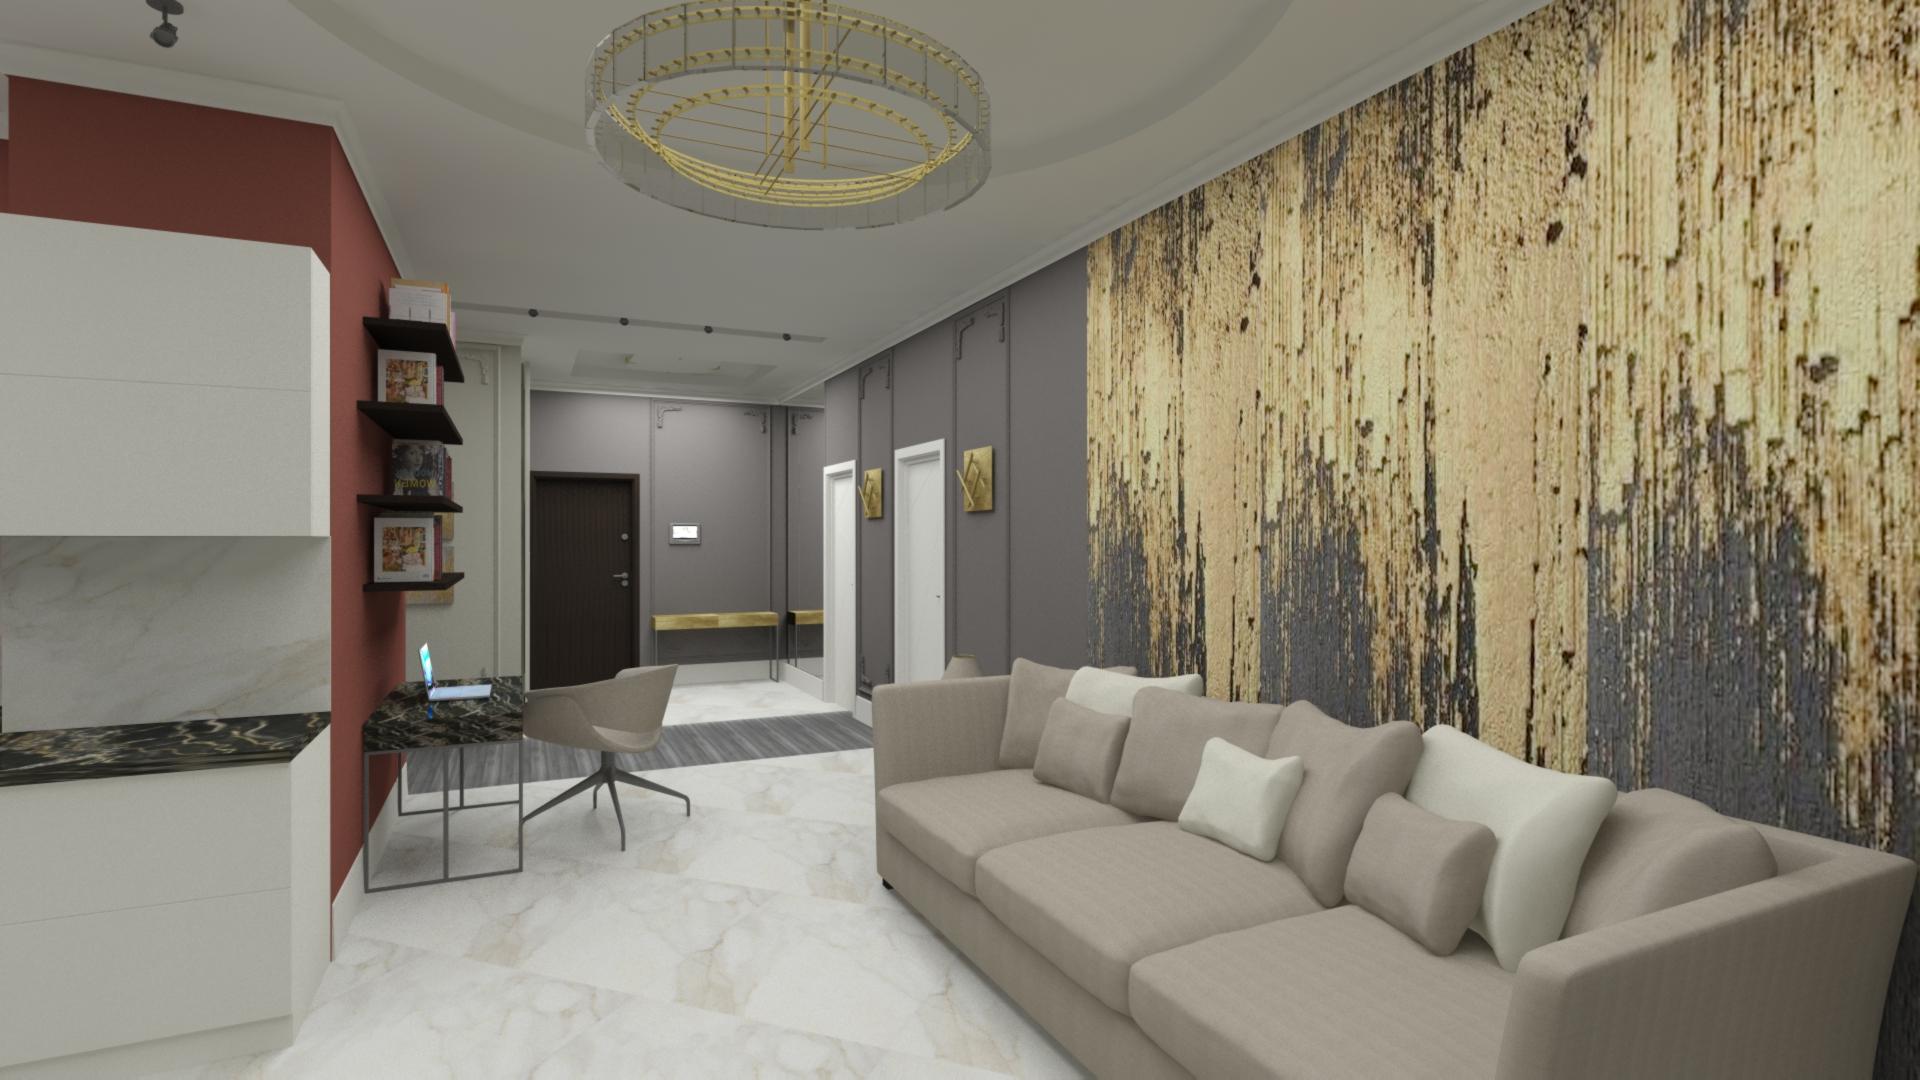 Трехкомнатная квартира 115 кв.м.